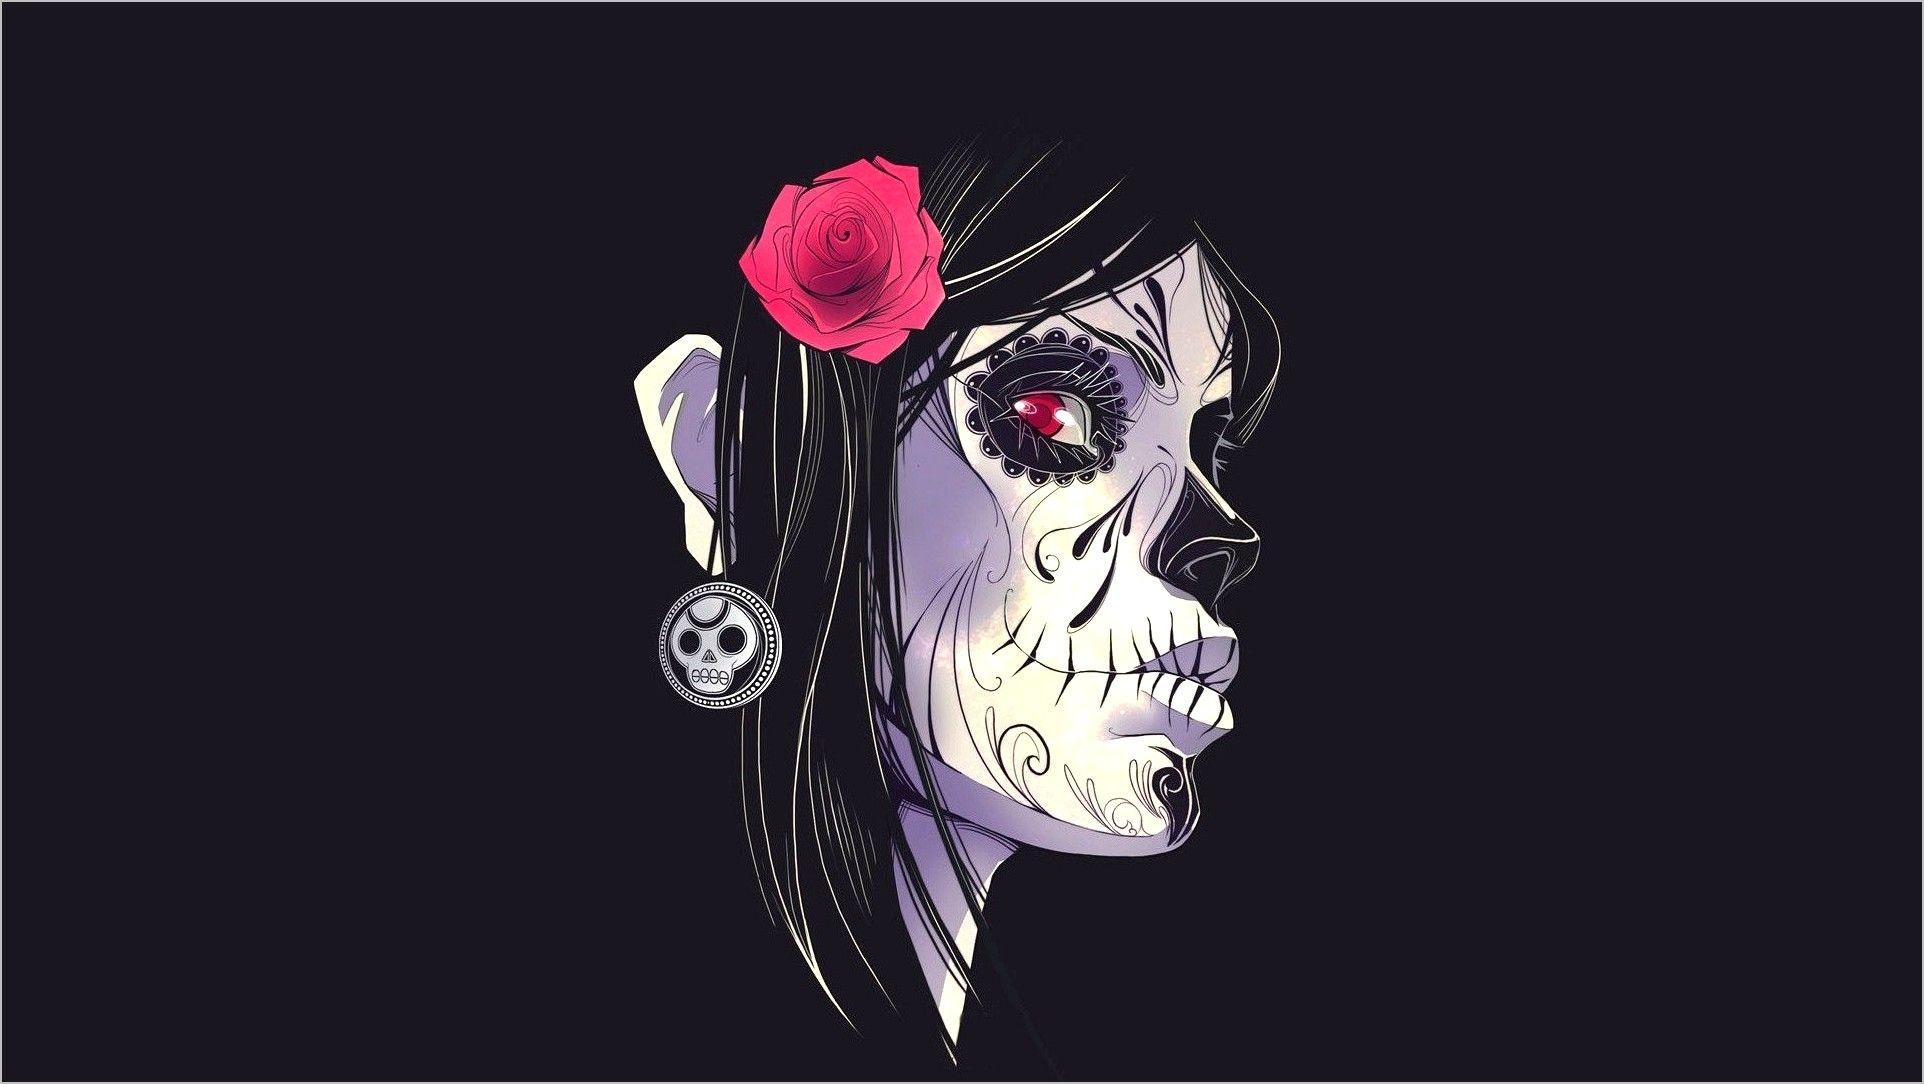 Best Sugar Skull Wallpaper 4k In 2020 Skull Wallpaper Sugar Skull Wallpaper Skull Illustration